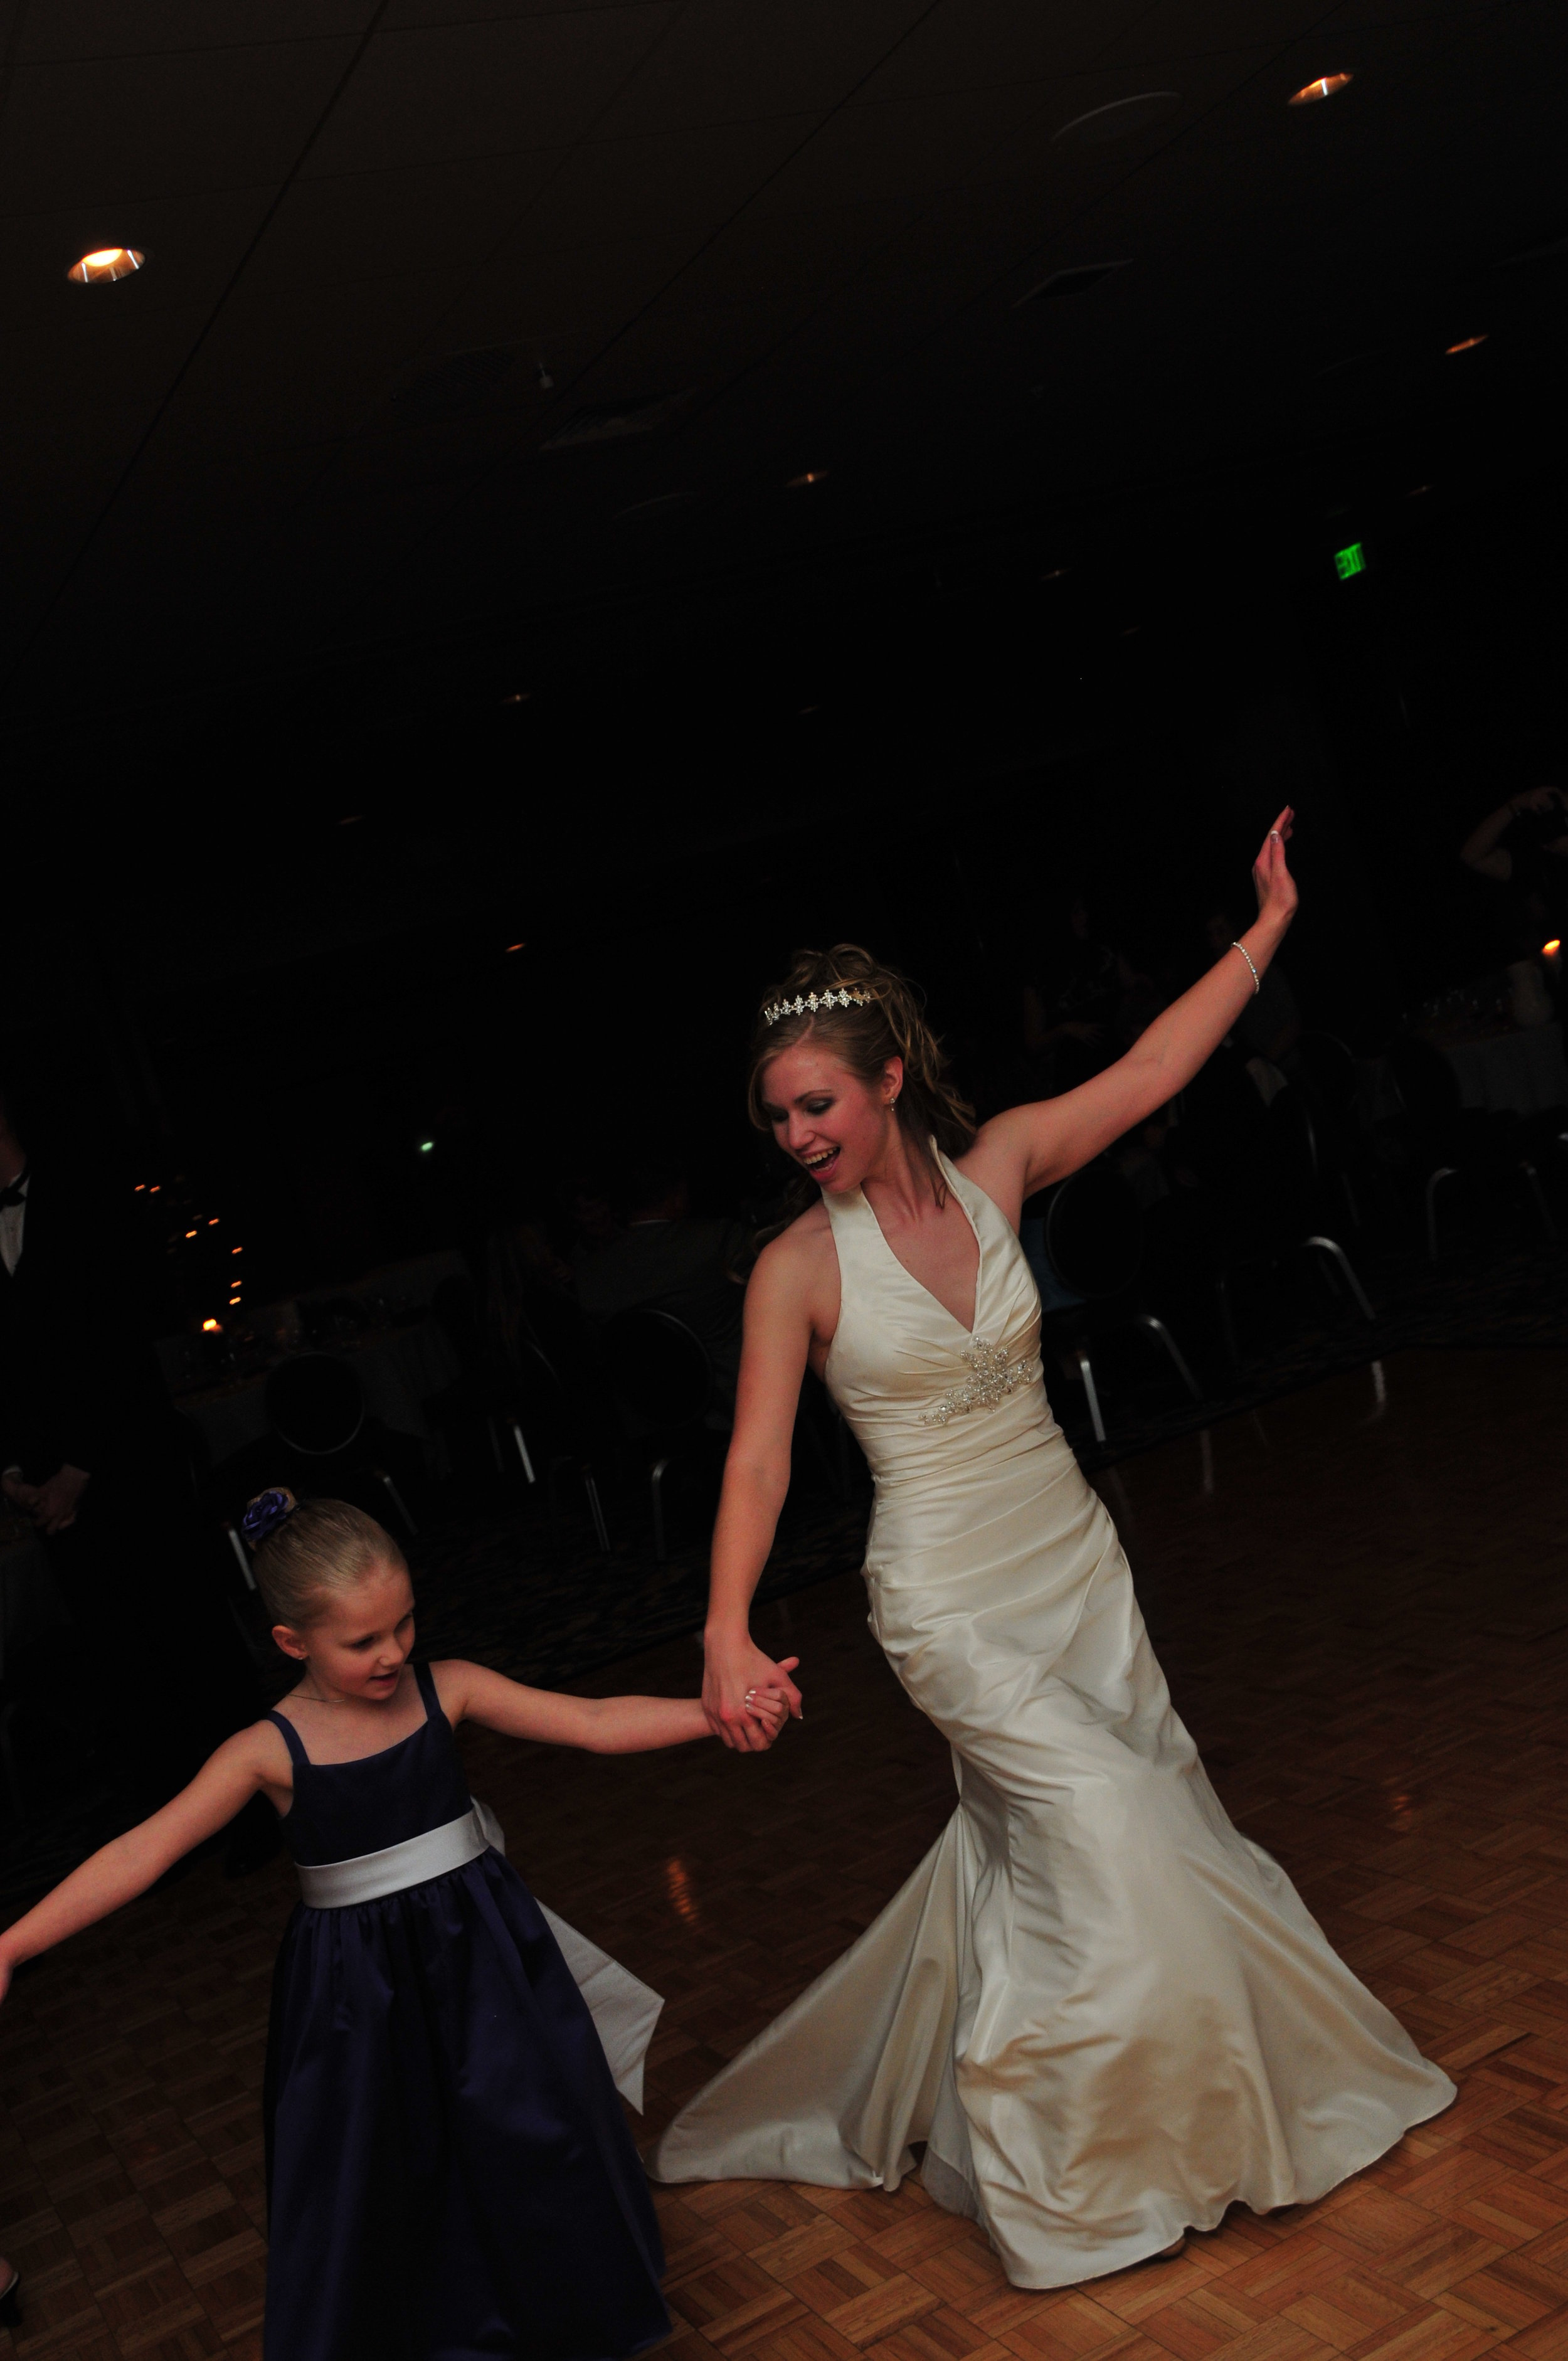 2010 - Dancing at my wedding...